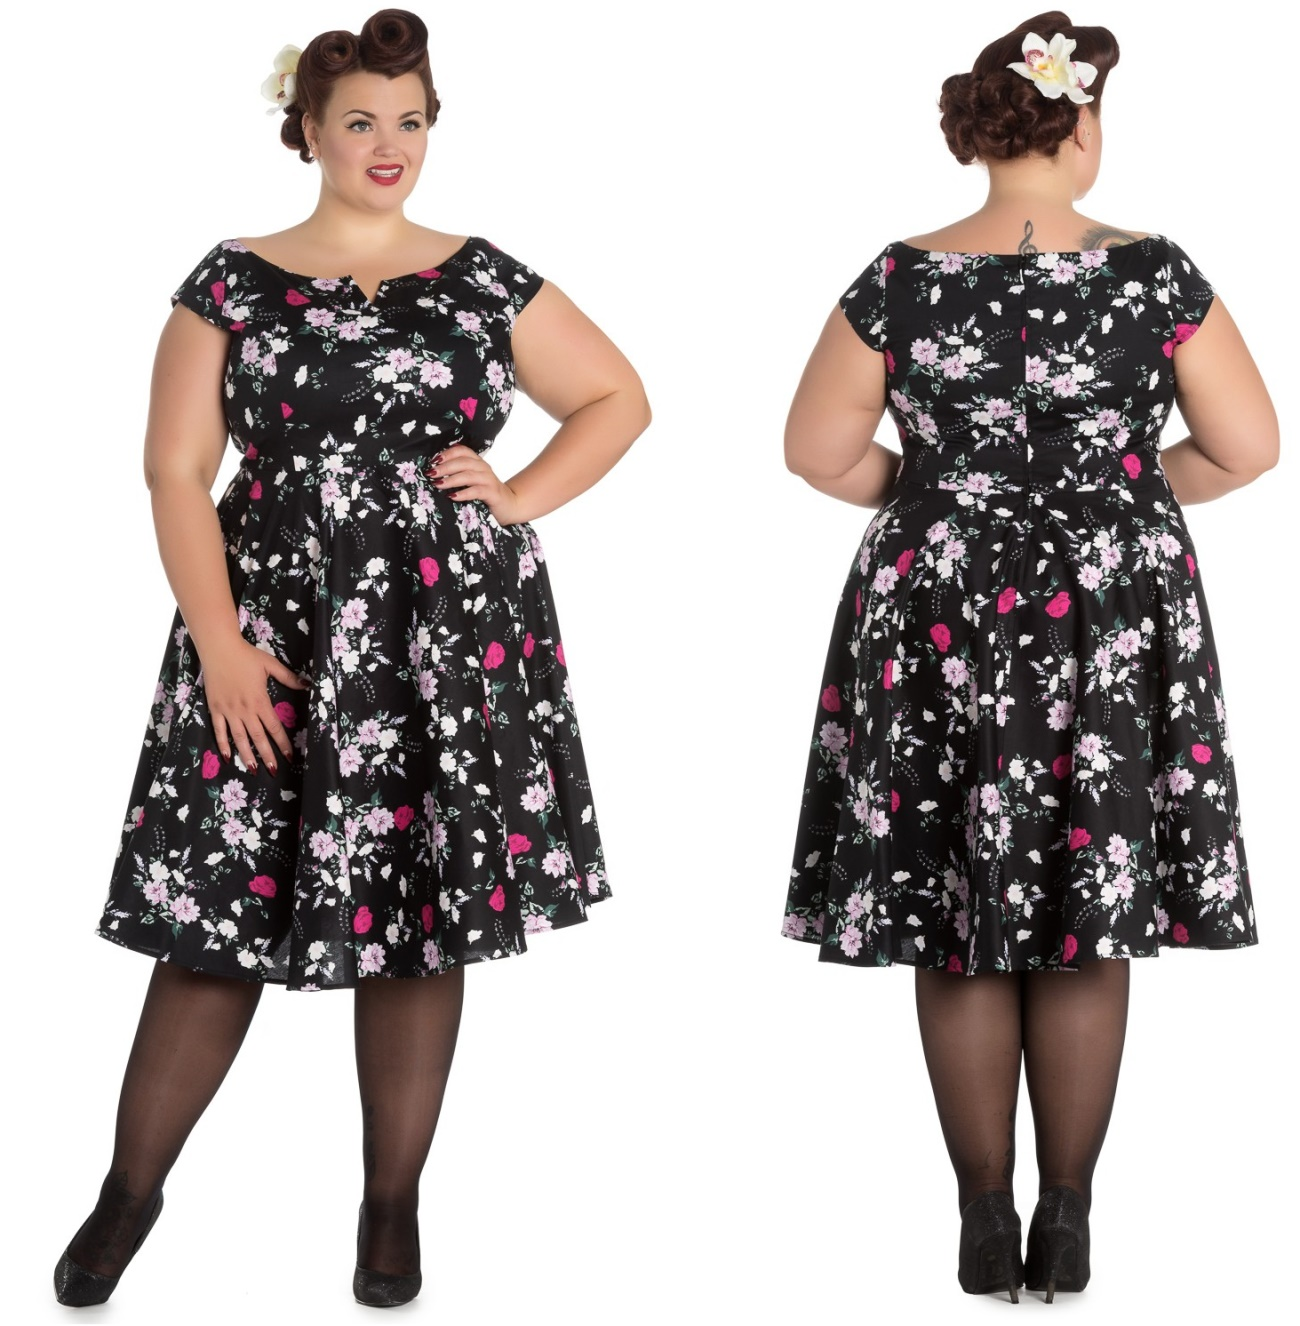 218856f7125c Petticoatkleid Rock n Roll Kleid Belinda Hellbunny Plussize ...